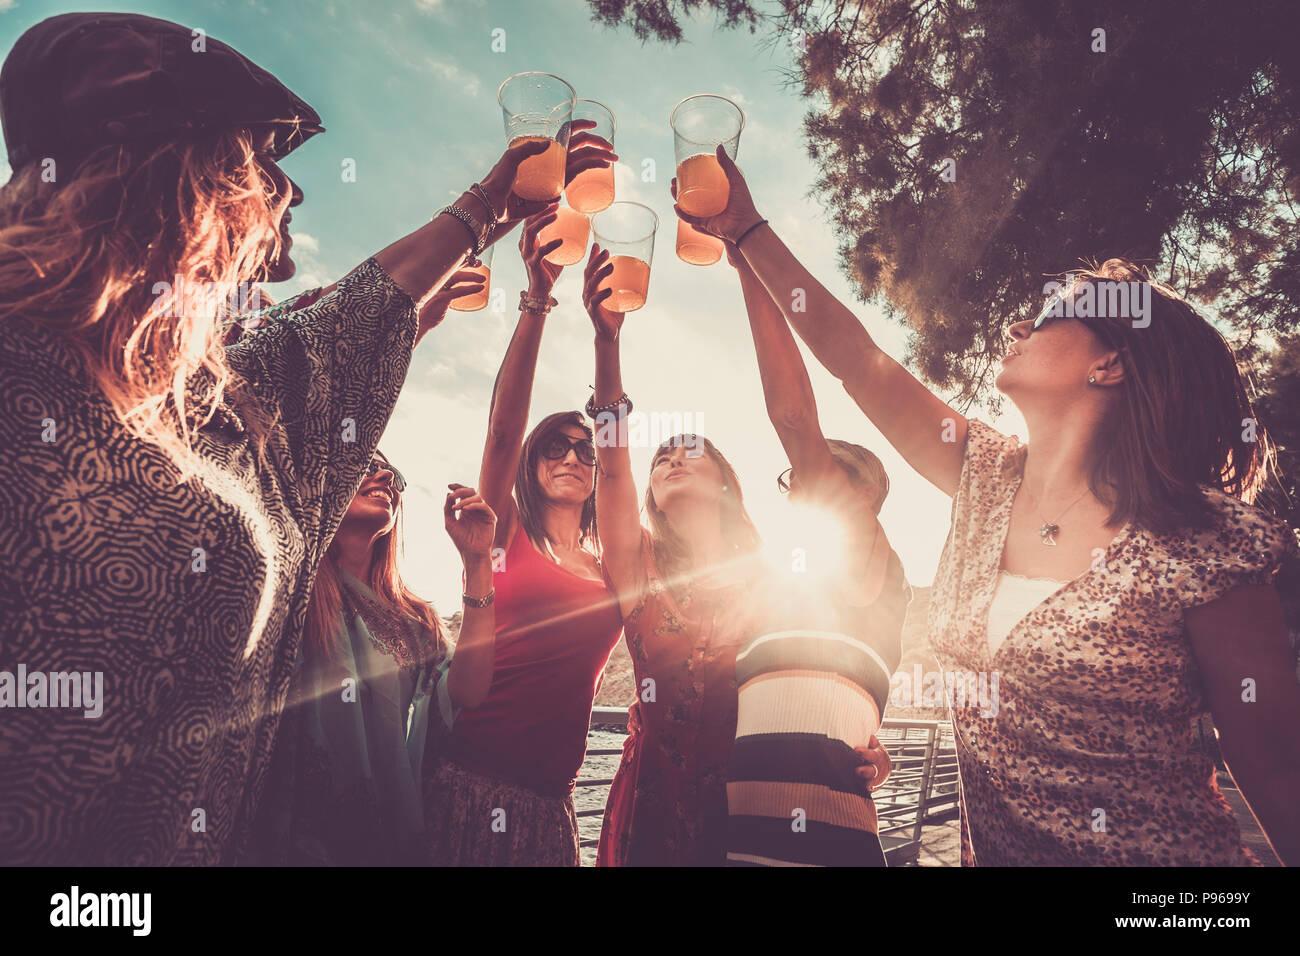 Feiern Freundschaft oder Erfolg Team arbeitet im Freien mit farbigen Saft und 7 schöne weibliche Freunde alle zusammen mit orange Cocktail und die sunl Stockbild